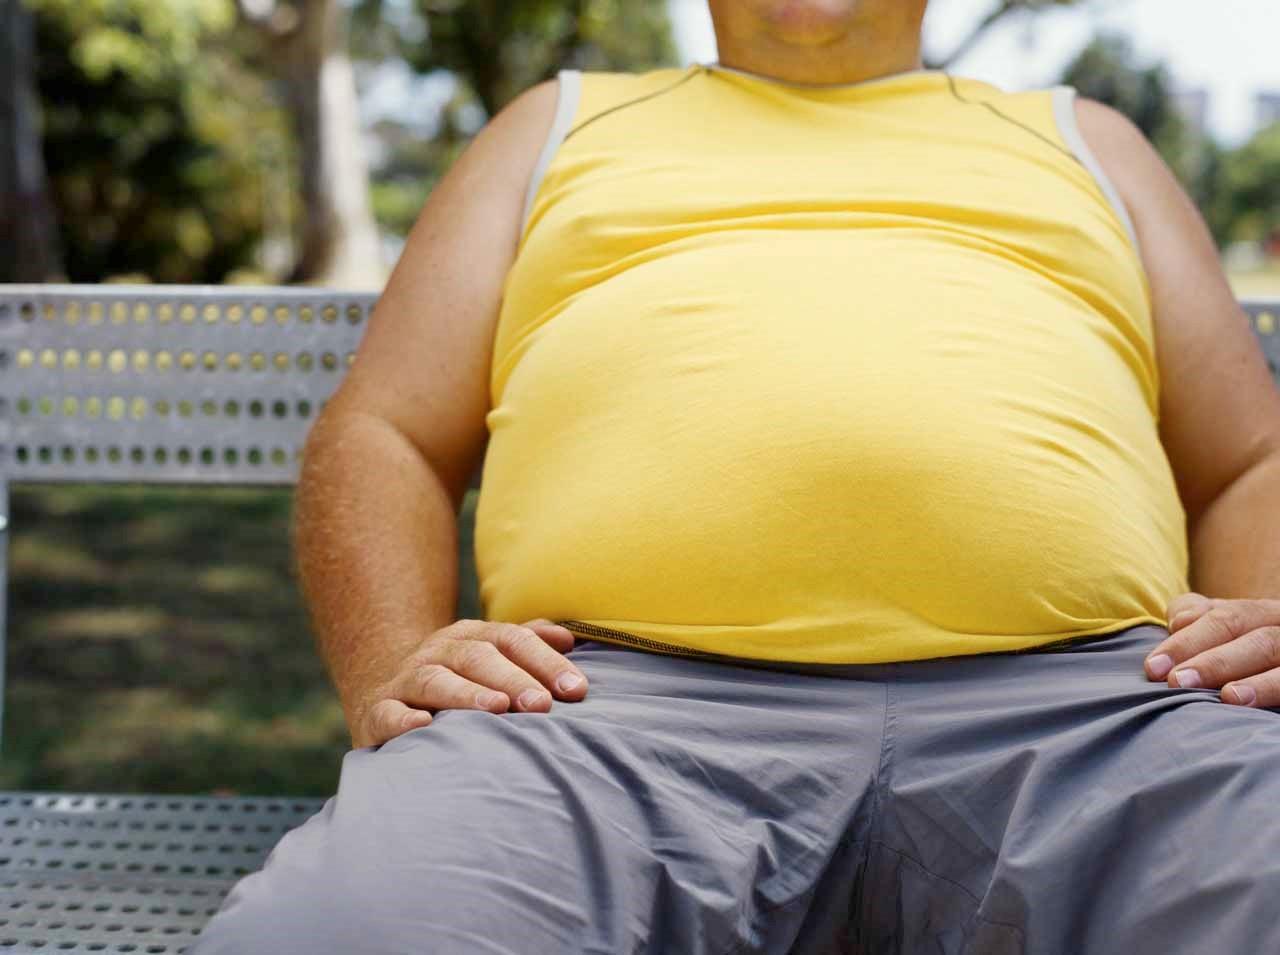 بیماری کبد و نقش آن در چاقی بدن